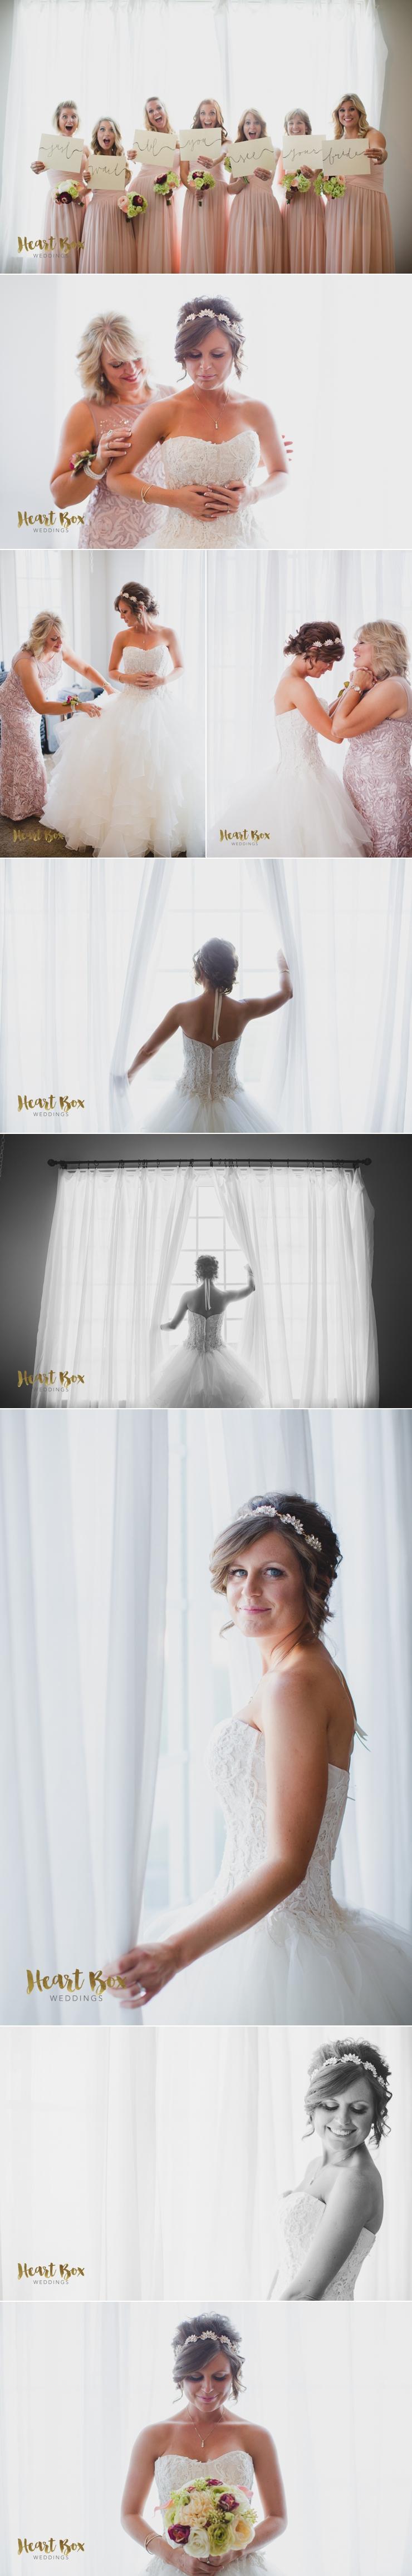 Wishon Wedding Blog Collages 8.jpg